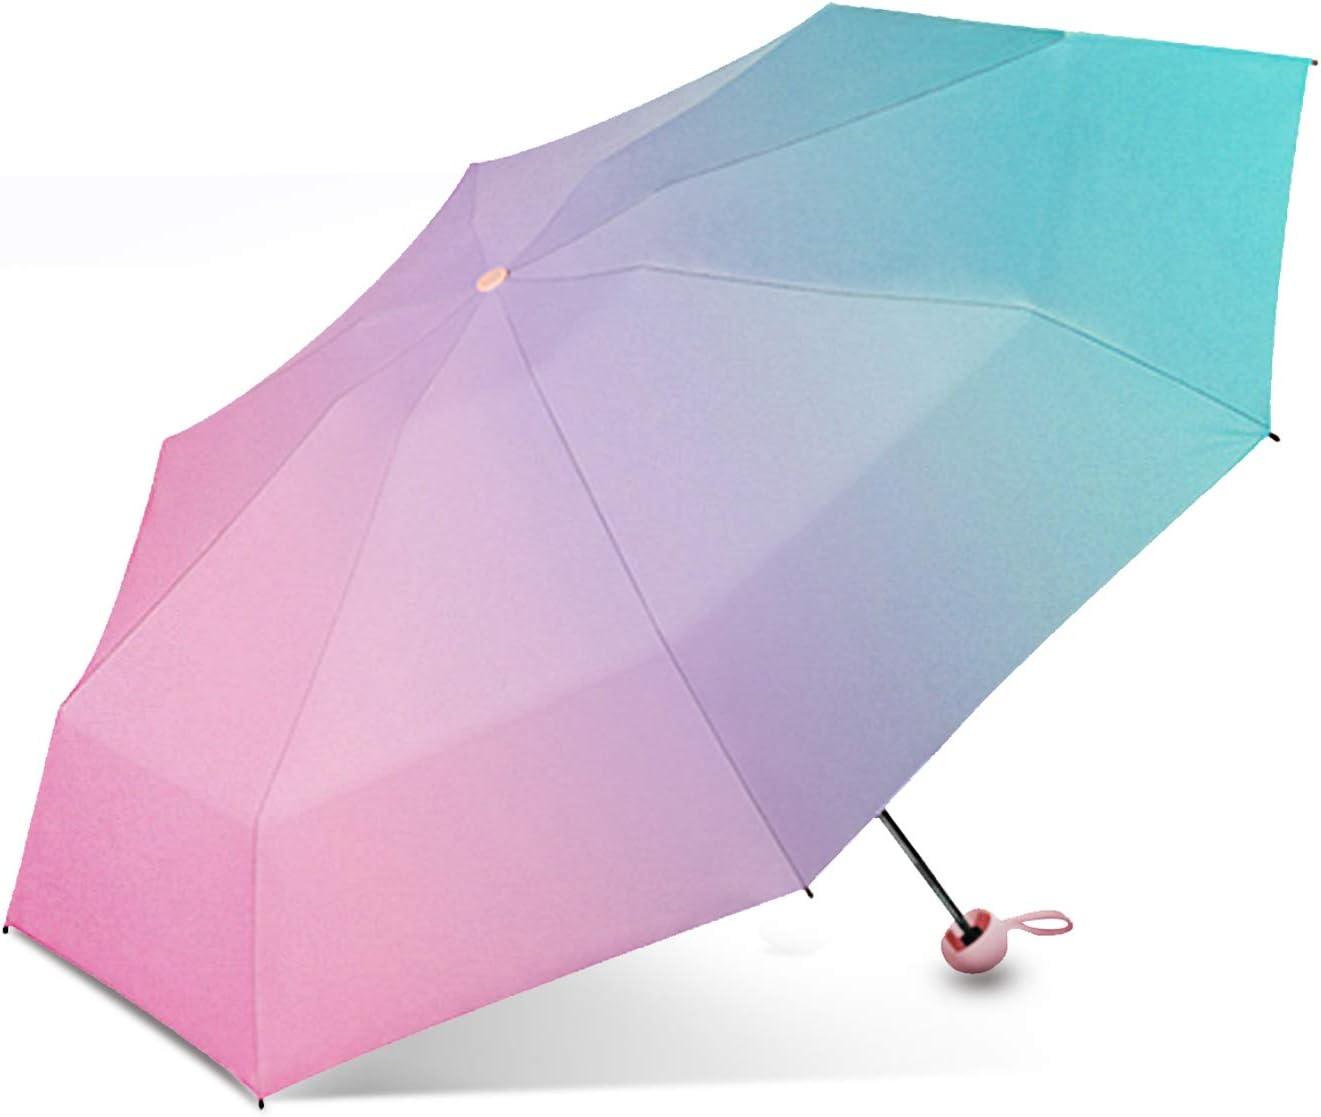 Galatée Mini Paraguas Plegable Paraguas Bloqueador Solar de Doble Capa con 8 Esqueleto de Paraguas, Protección UV UPF 50+ (Aurora) Recomendado para Adultos Mayores de 15 años.